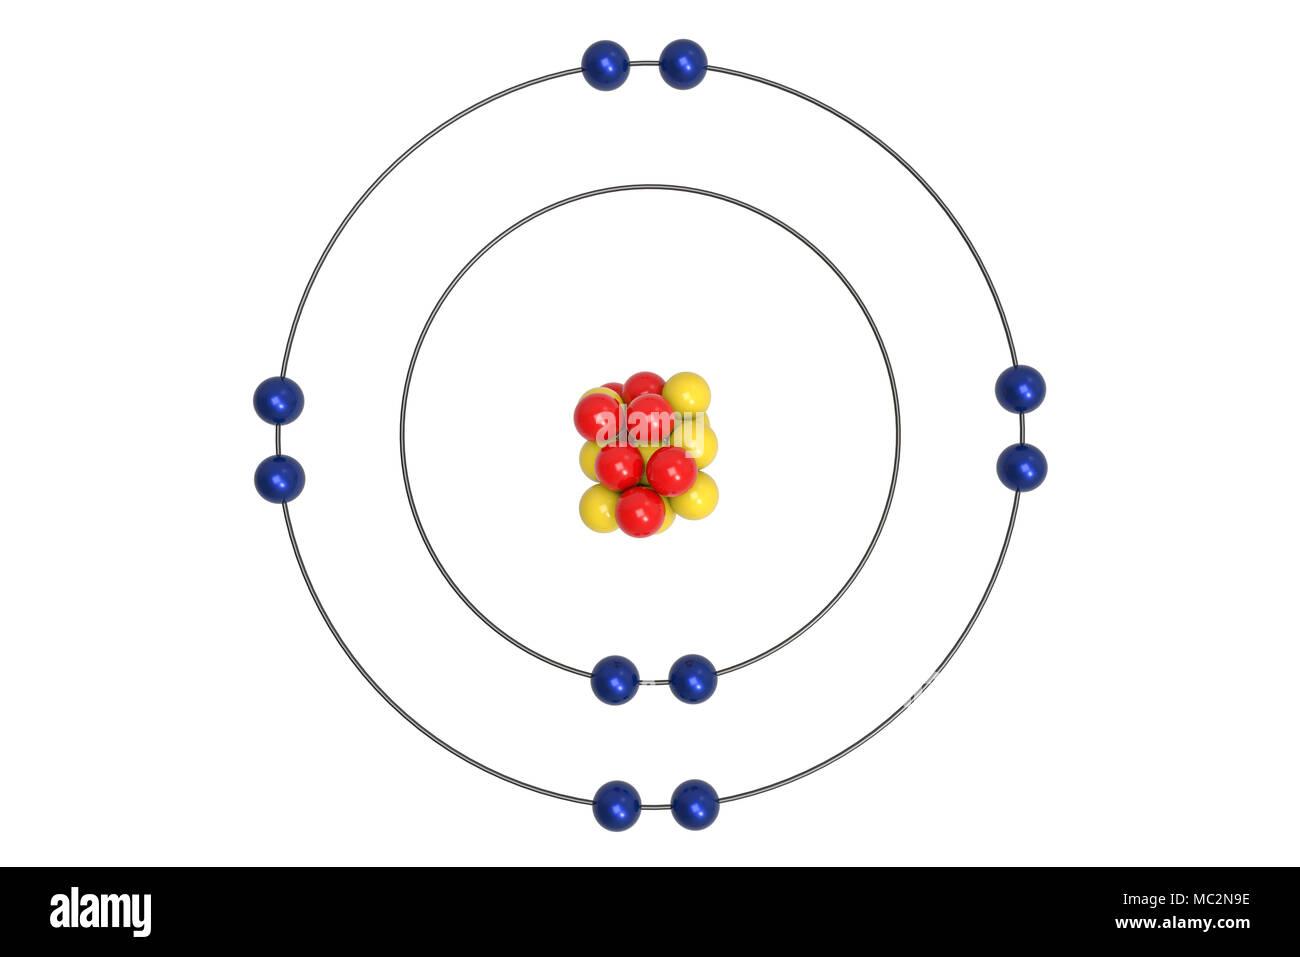 Neon Atom Bohr model with proton, neutron and electron. 3d ...Neon Diagram Of Atom